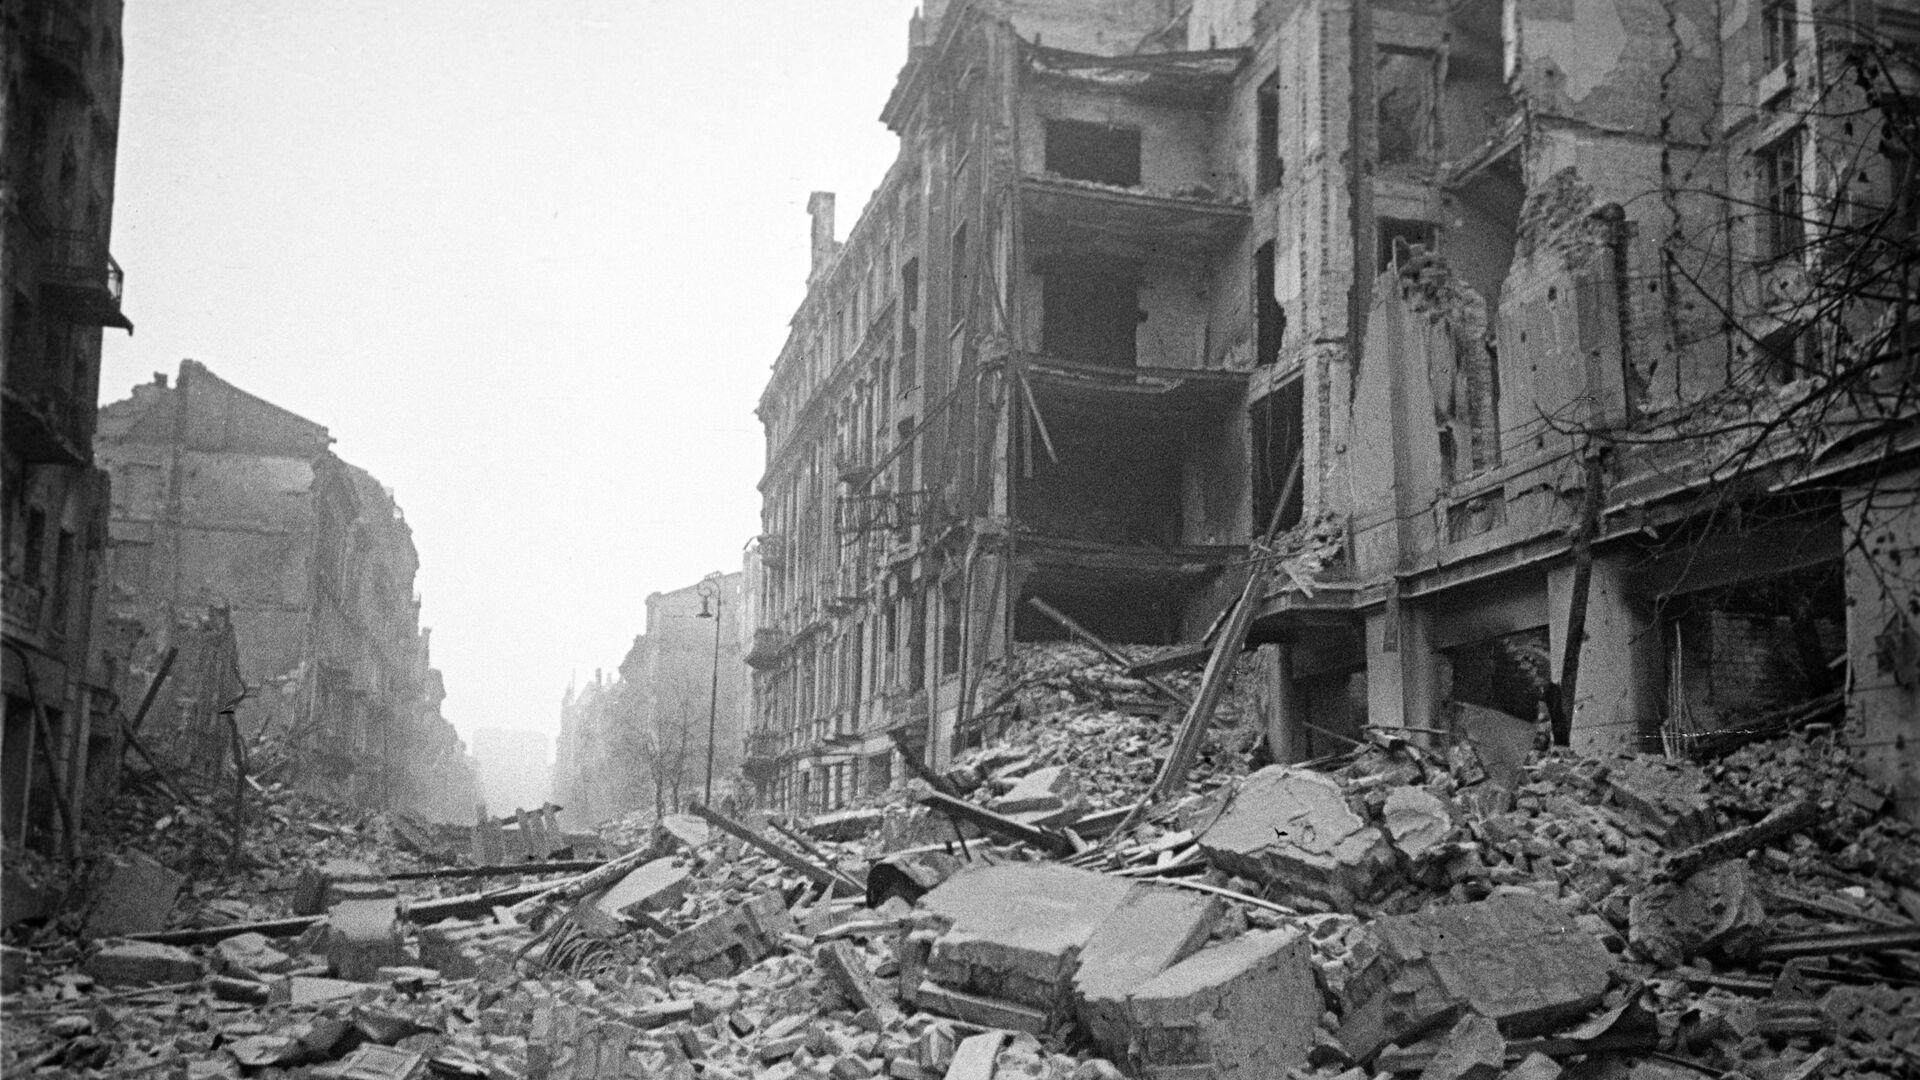 Widok na warszawską ulicę w latach II wojny światowej - Sputnik Polska, 1920, 06.09.2021